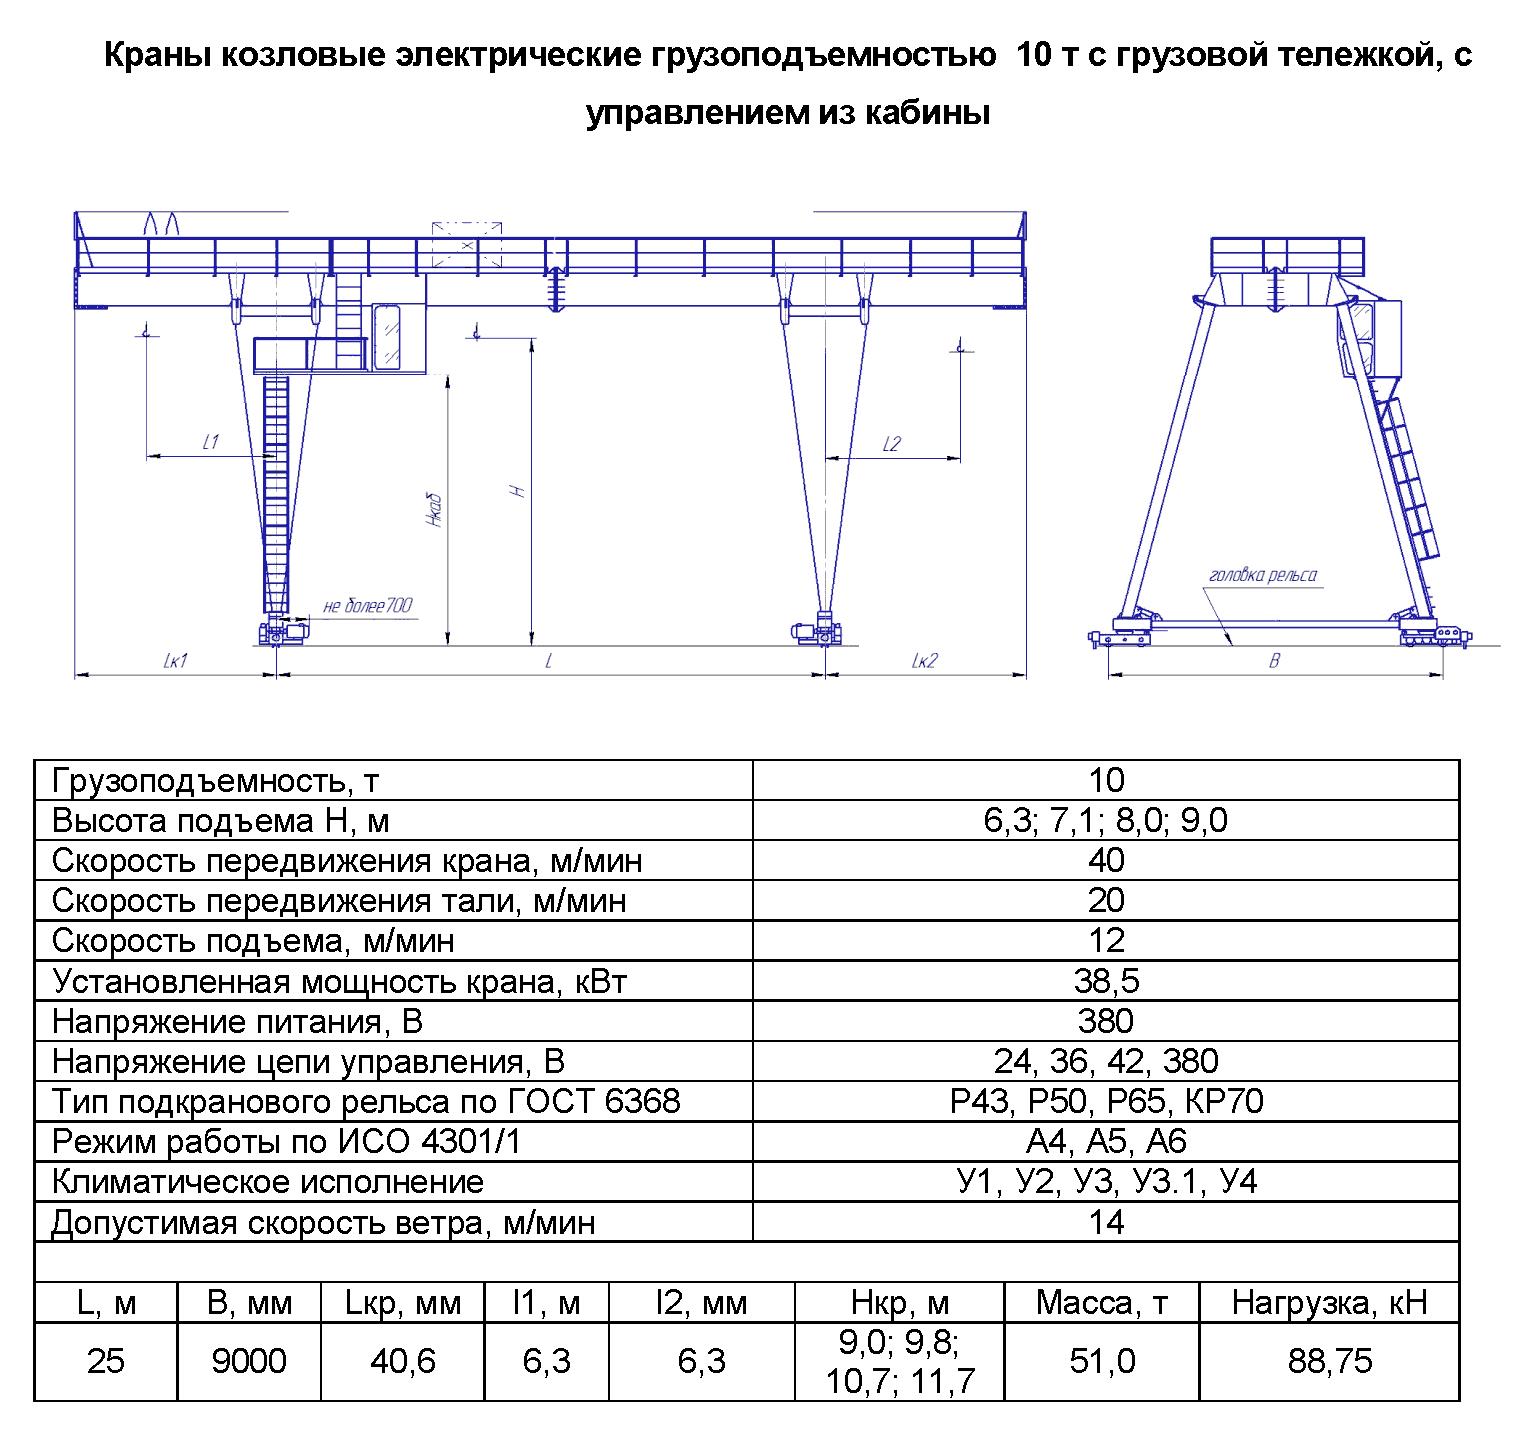 KKD 10 250 - Кран козловой электрический двухбалочный